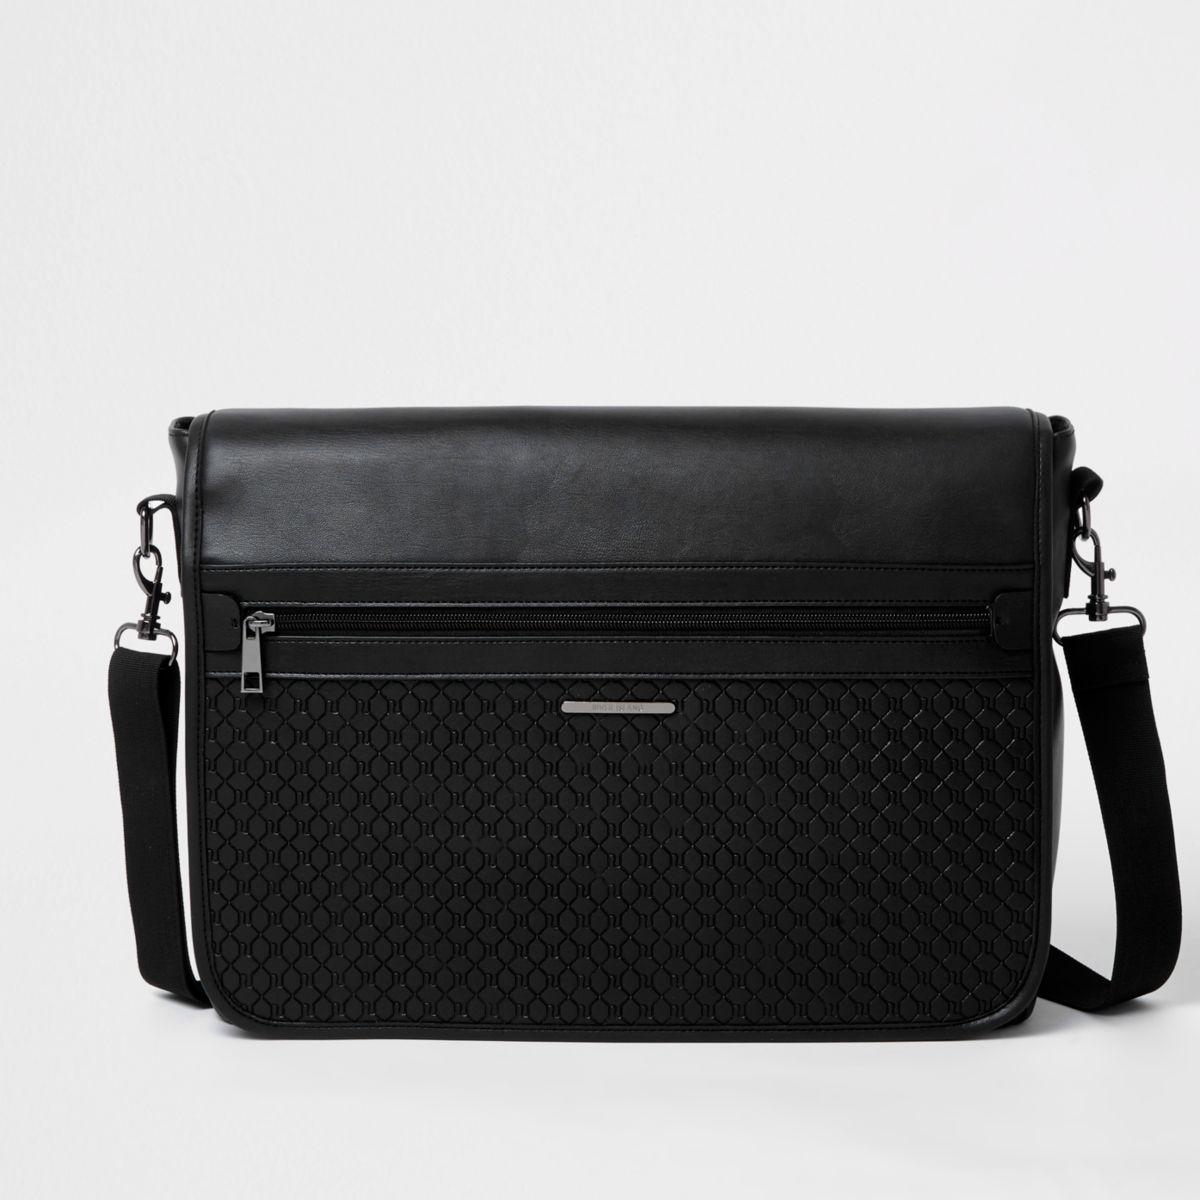 Black embossed satchel bag